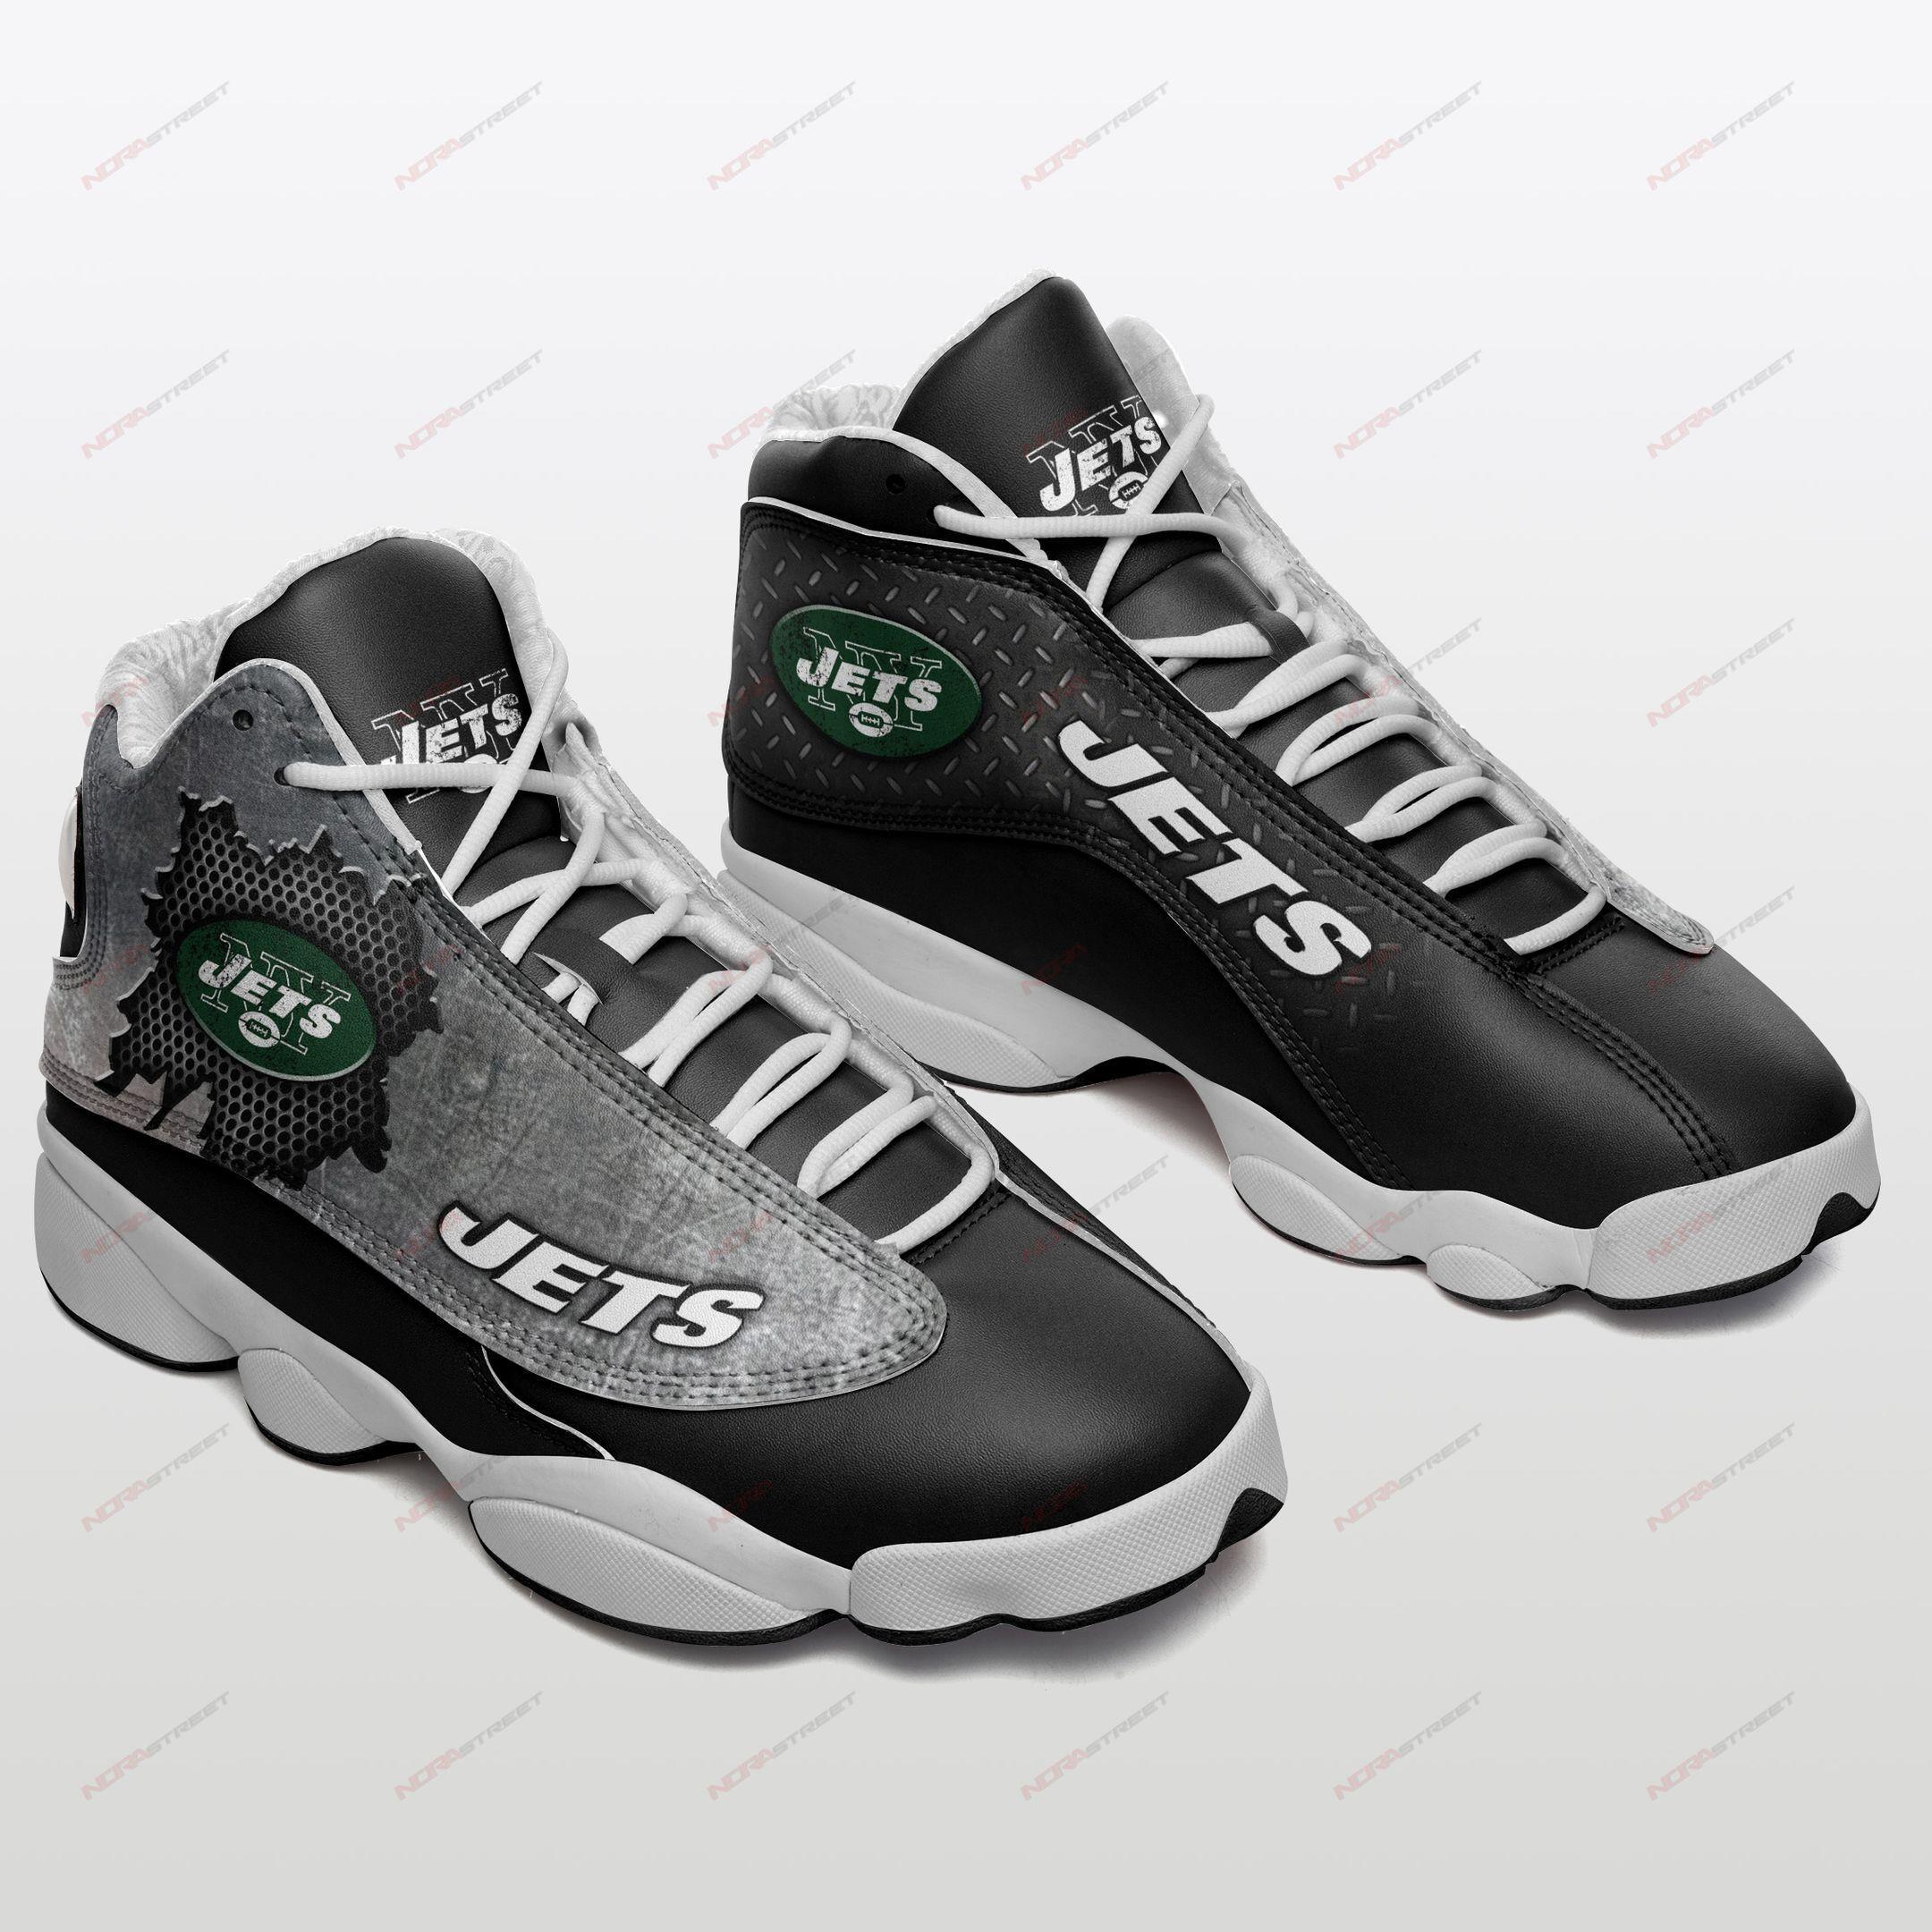 New York Jets Air Jordan 13 Sneakers Sport Shoes